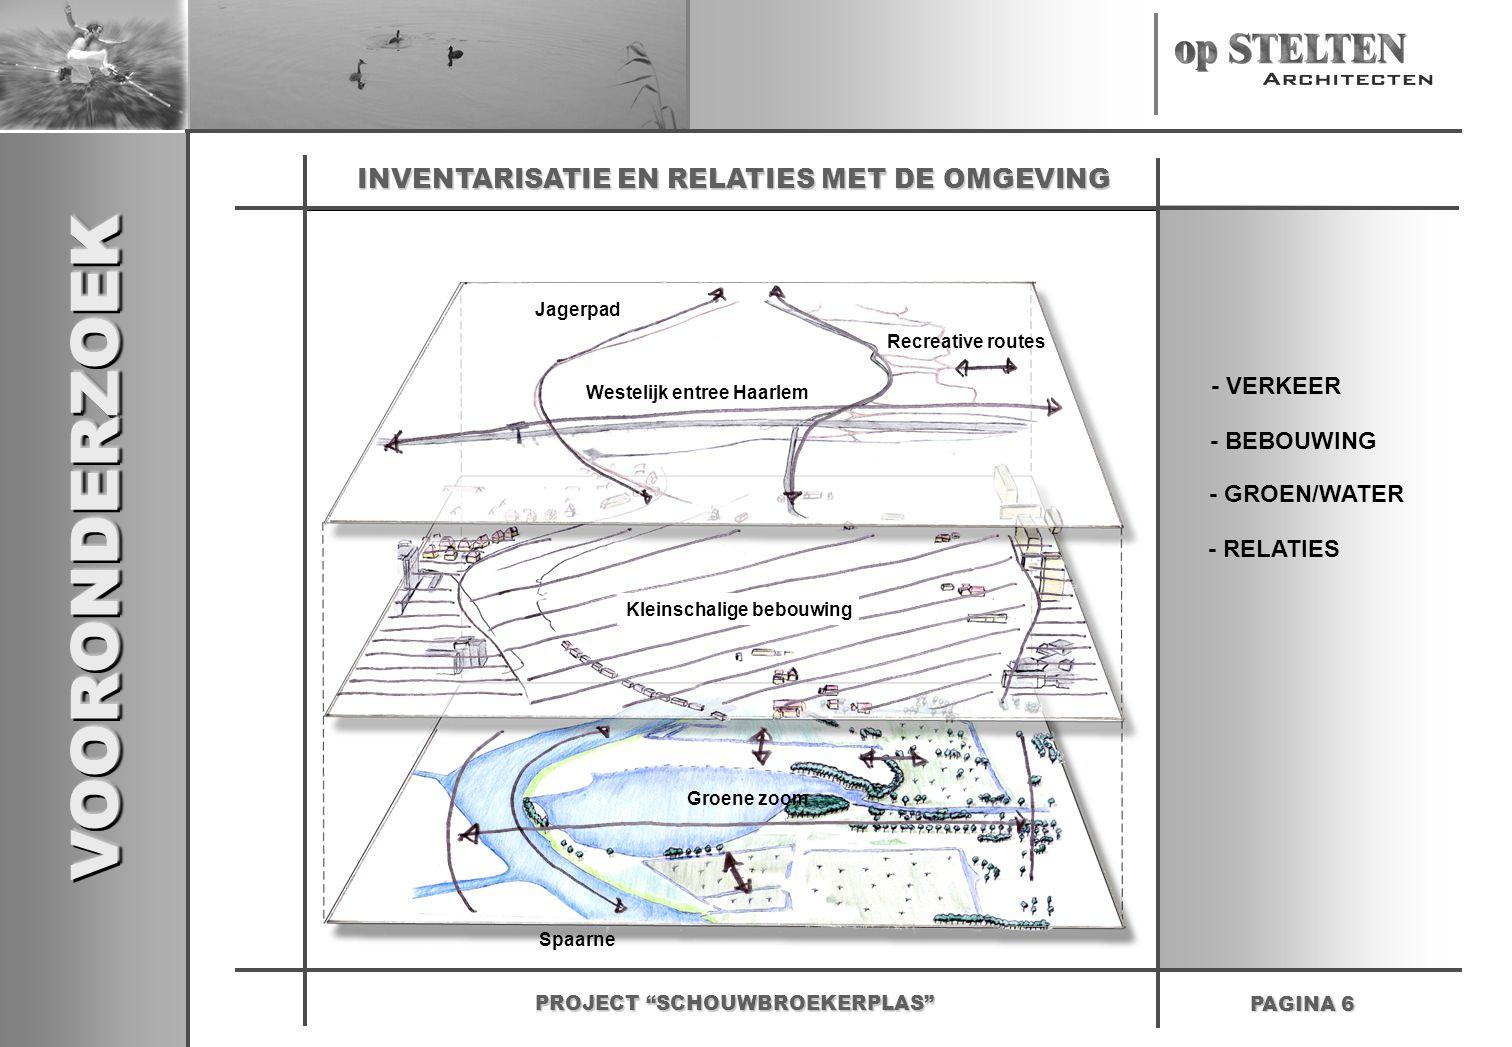 """VOORONDERZOEKVOORONDERZOEK PAGINA 6 PROJECT """"SCHOUWBROEKERPLAS"""" INVENTARISATIE EN RELATIES MET DE OMGEVING - VERKEER - GROEN/WATER - BEBOUWING - RELAT"""